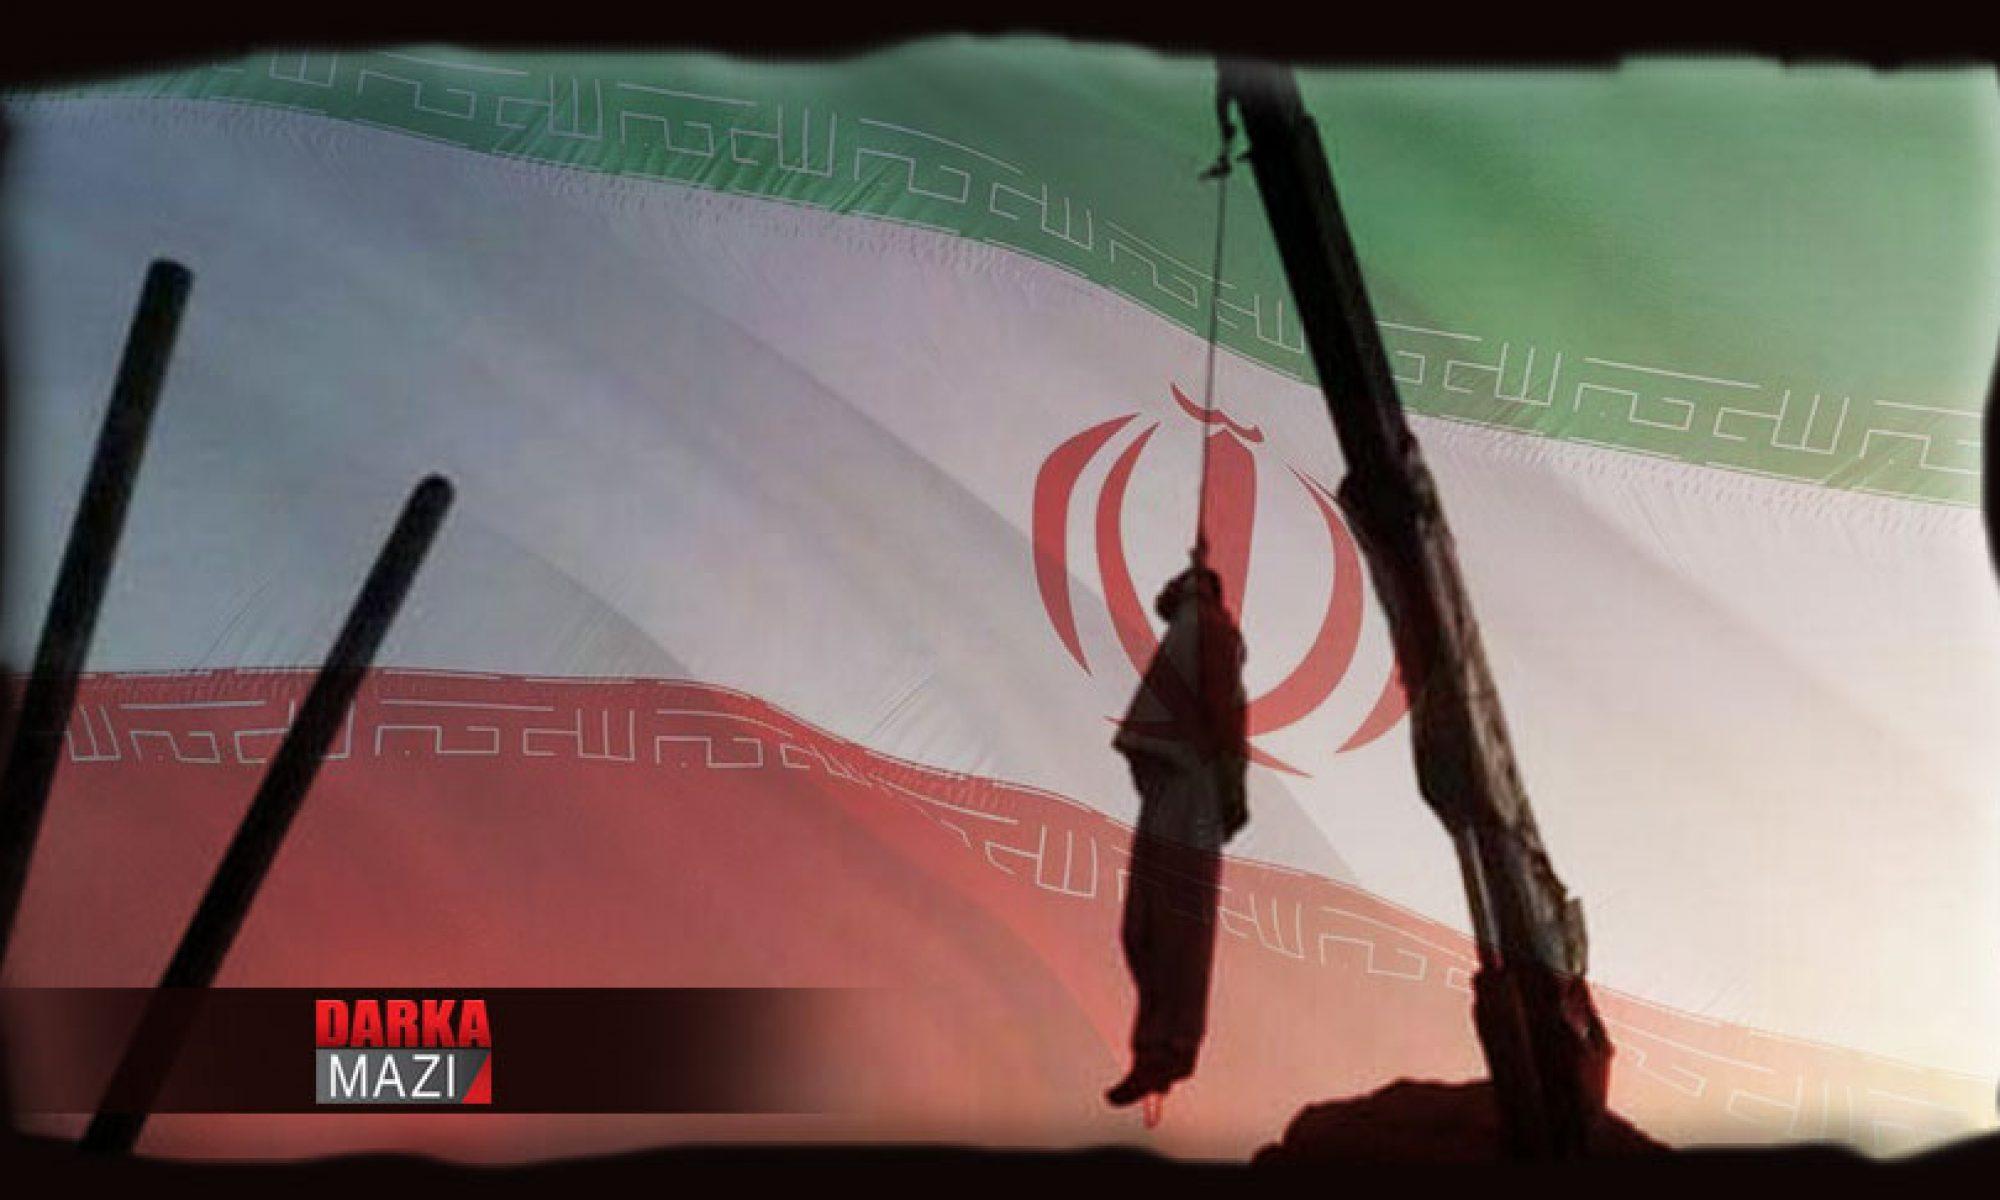 İran'da Kürtlere dönük uygulamaların bir yıllık raporu açıklandı: 56 idam, cezaevinde yaşamını yitirenler 22 kişi kolber Hengaw